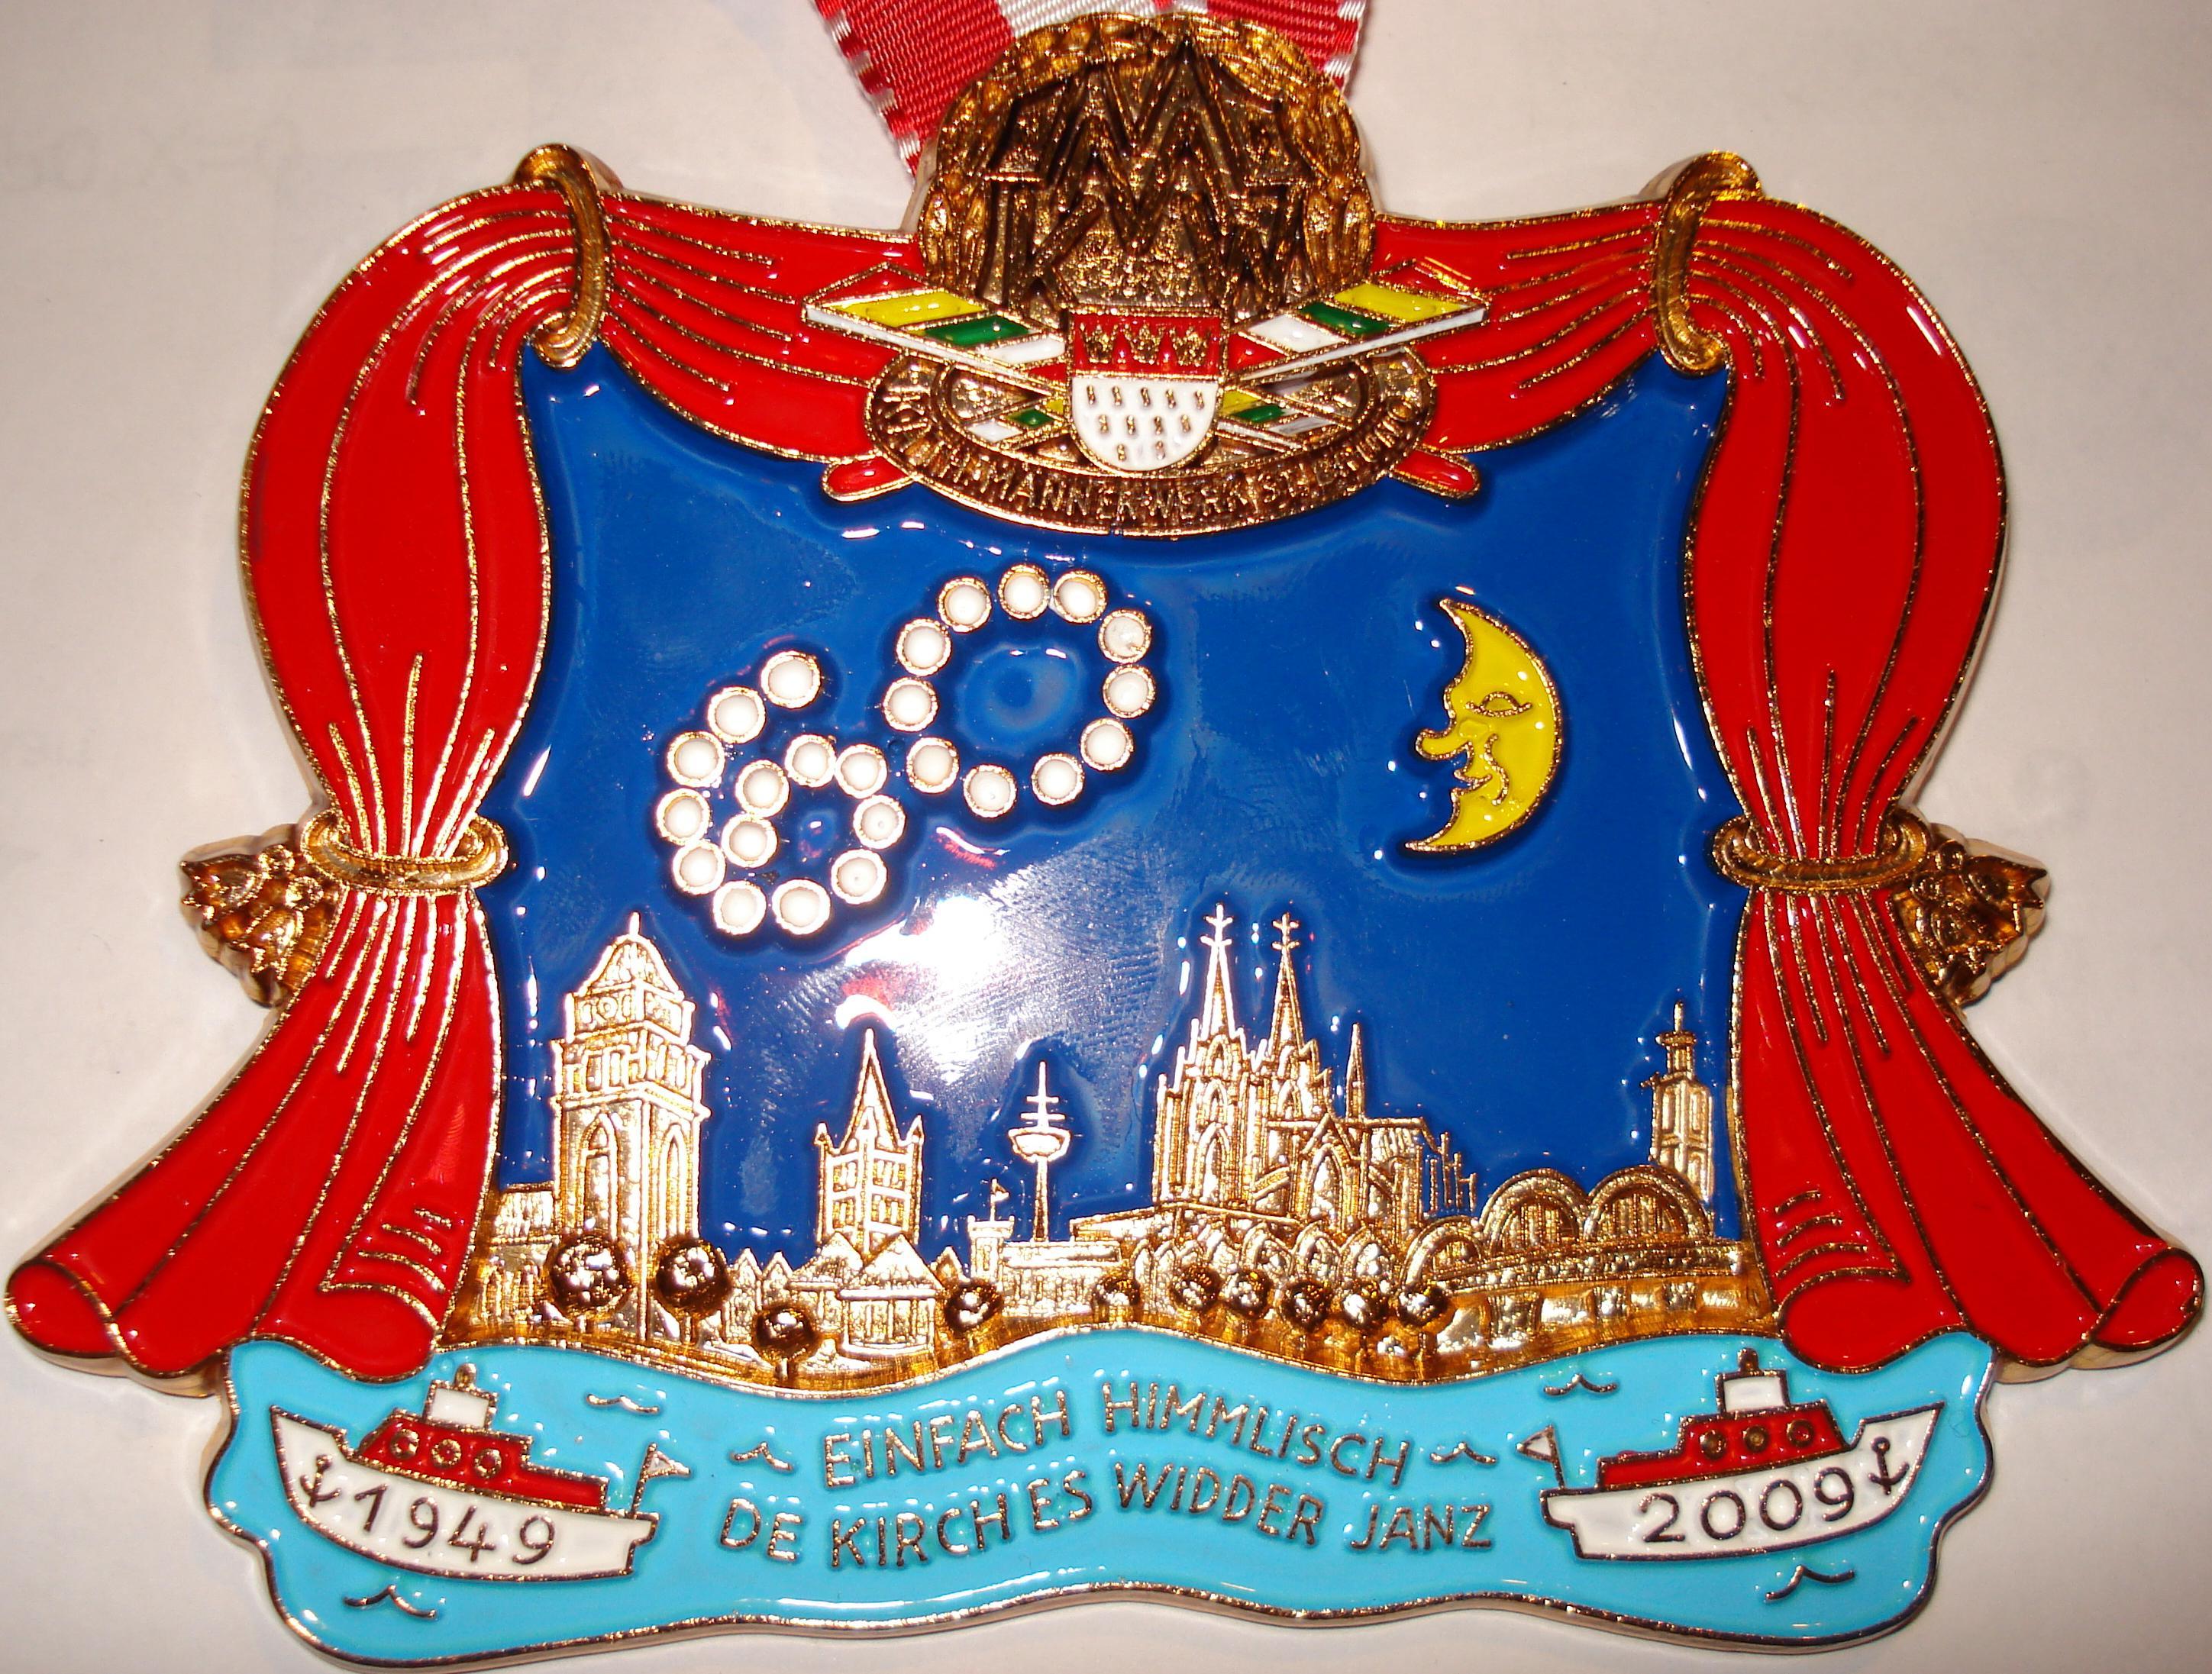 Orden von 2009 (größer)